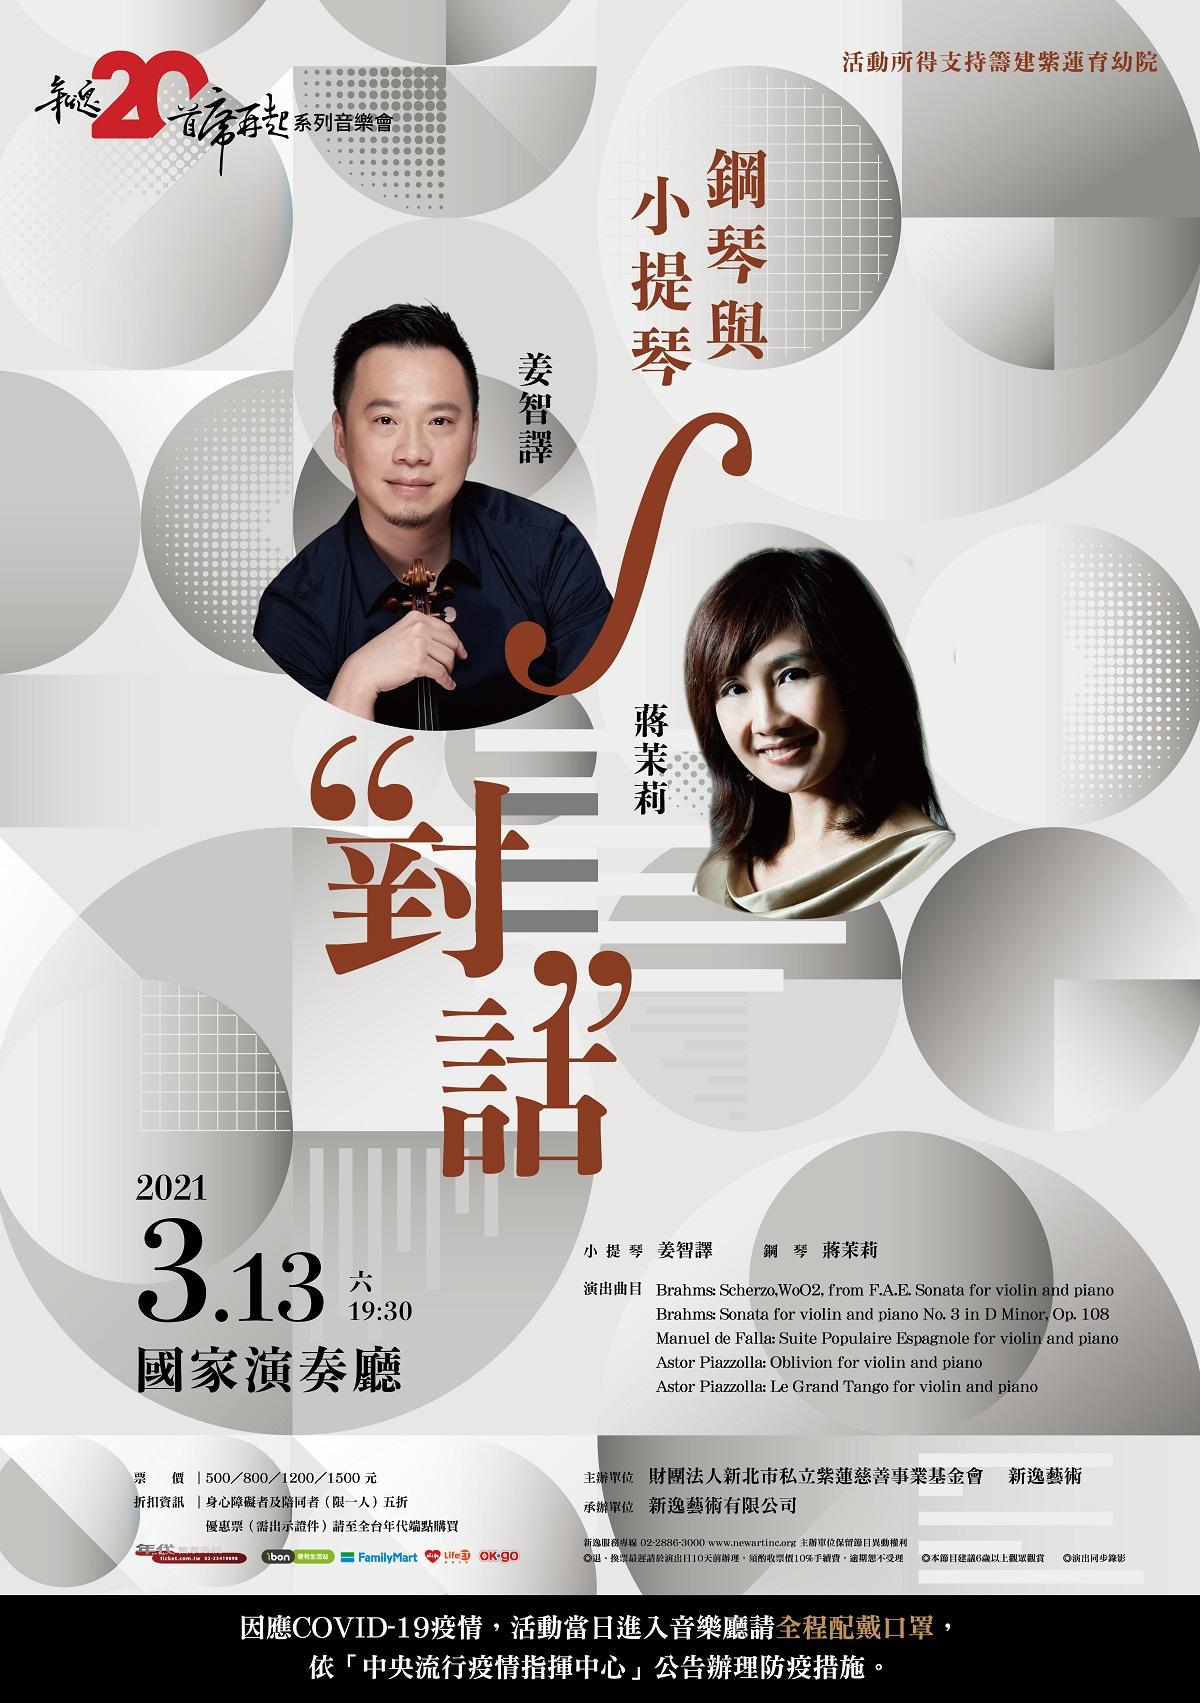 0313新逸_小提琴與鋼琴的對話_海報.jpg